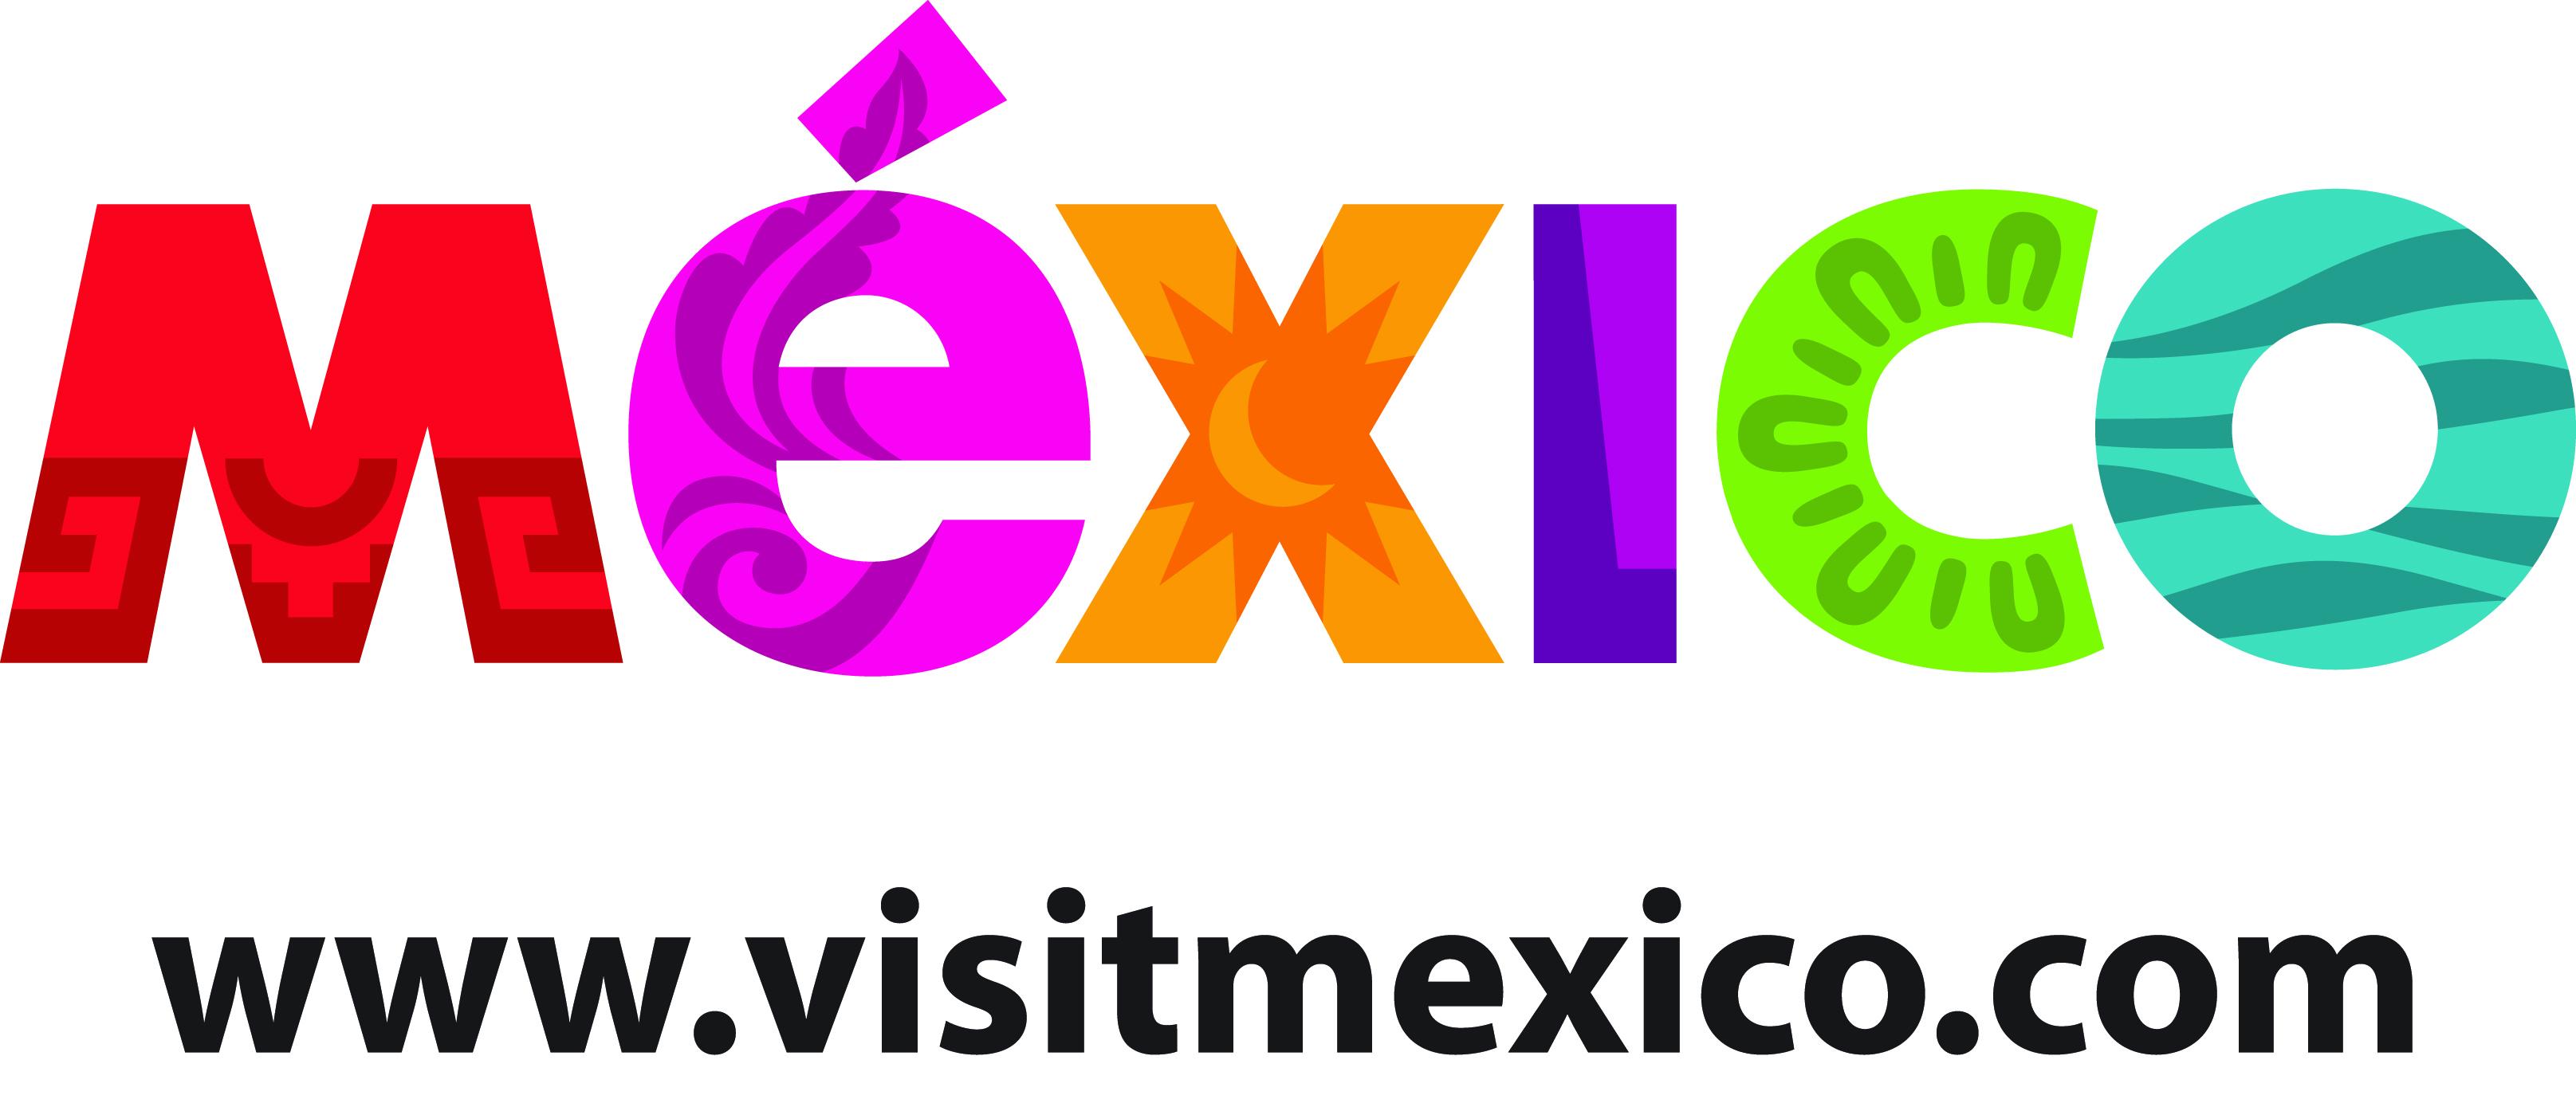 www.visitmexico.com